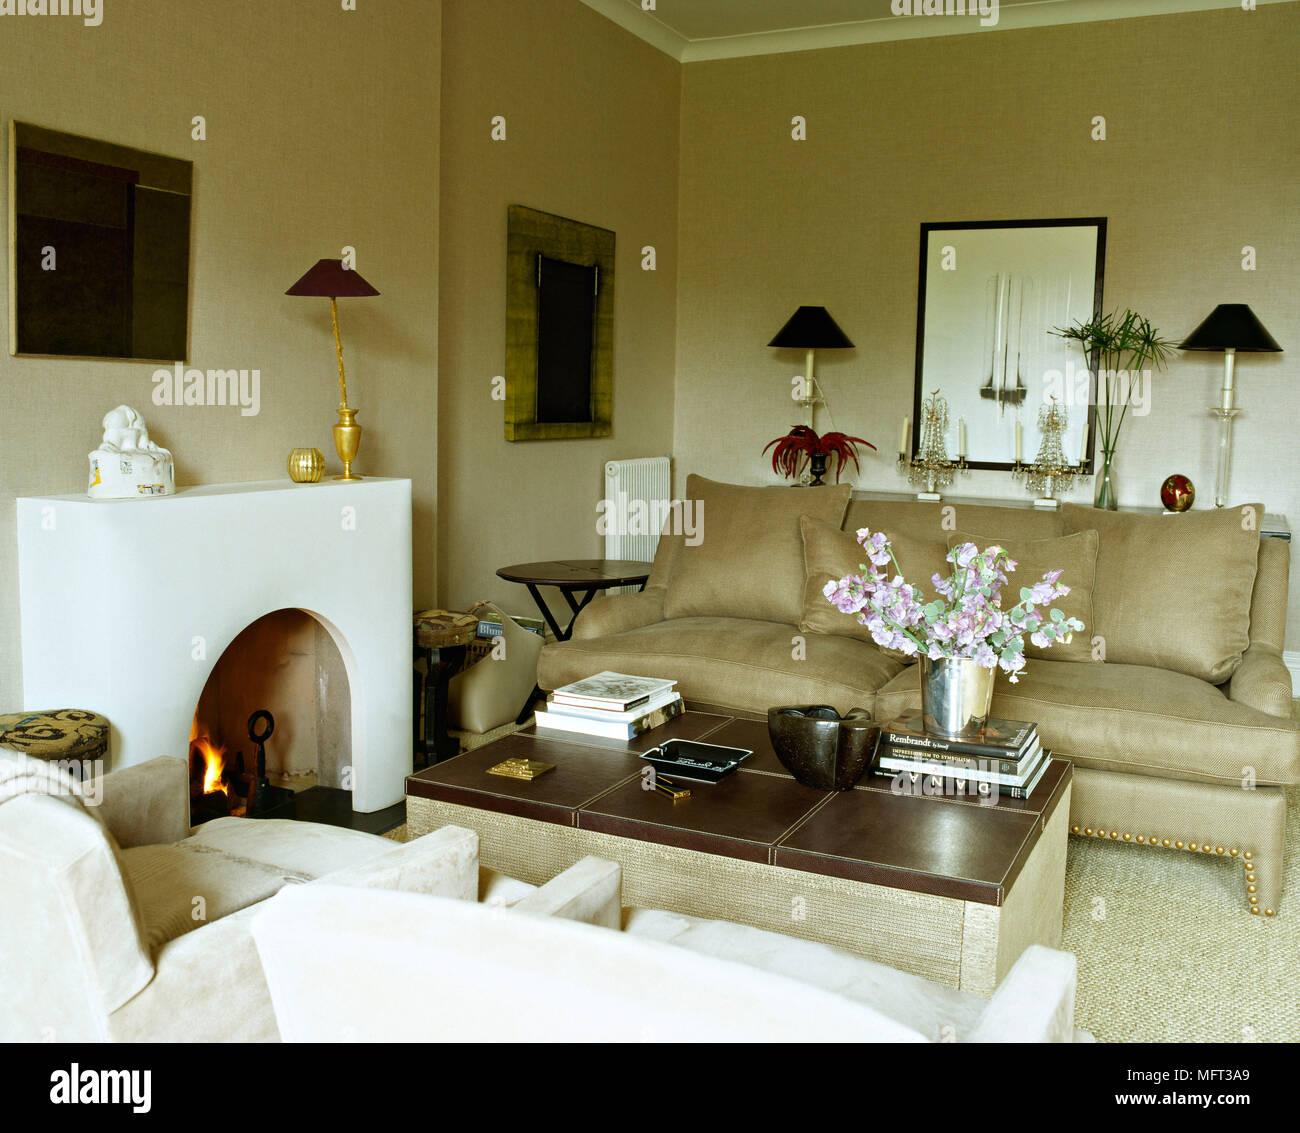 Salon neutre moderne cheminée cheminée canapé fauteuils table basse ...